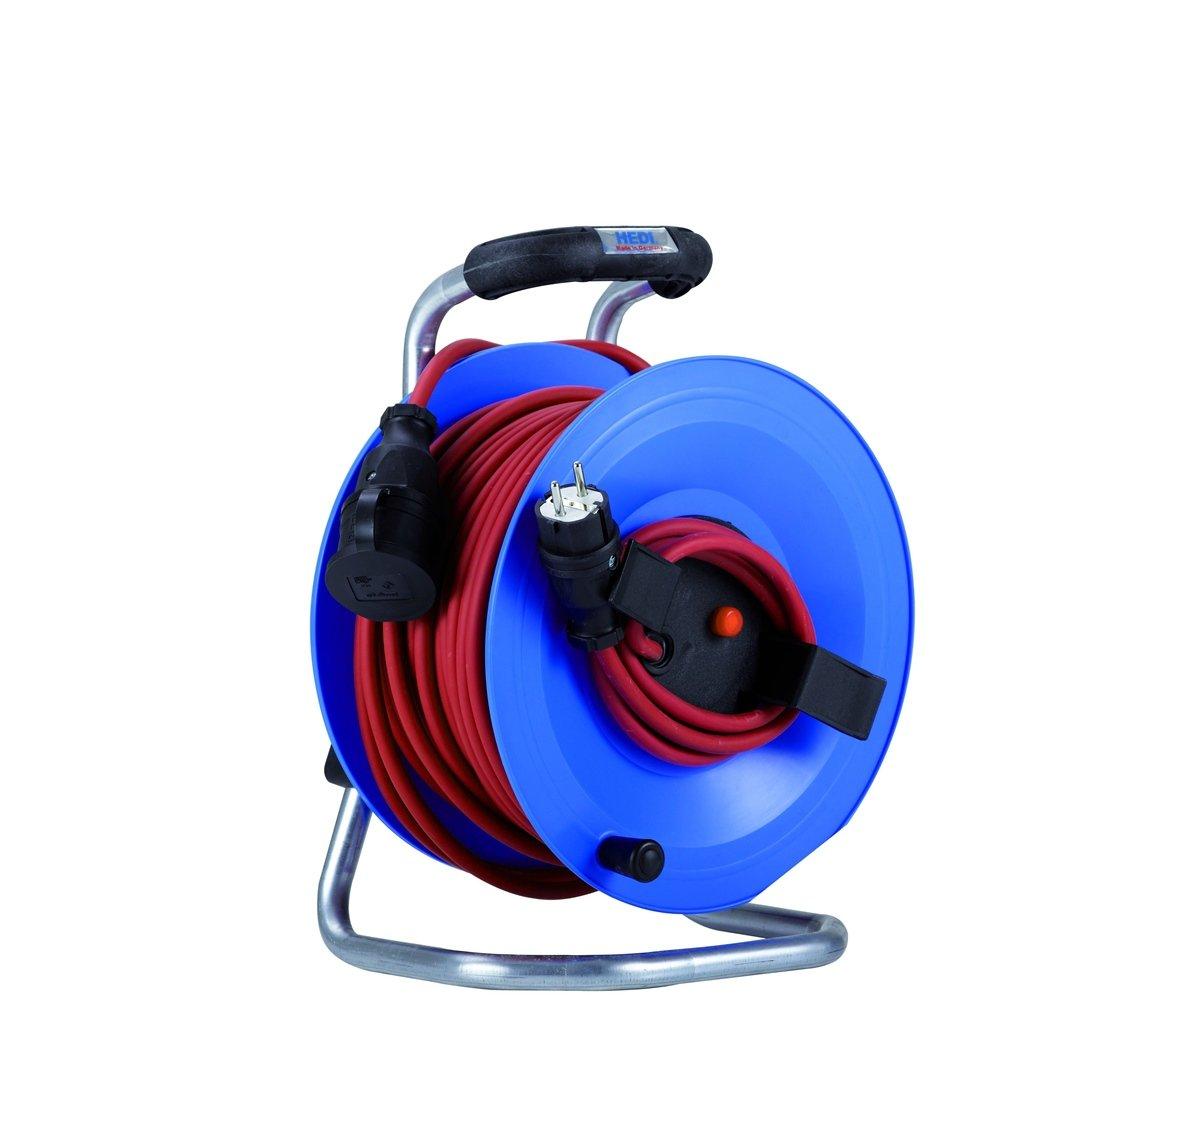 HEDI G2Y25NTF010 Kunststoff-Kabeltrommel Professional 25 m m m für Außen, blau NEU B07F1Y16GZ | Outlet Store  517bf9